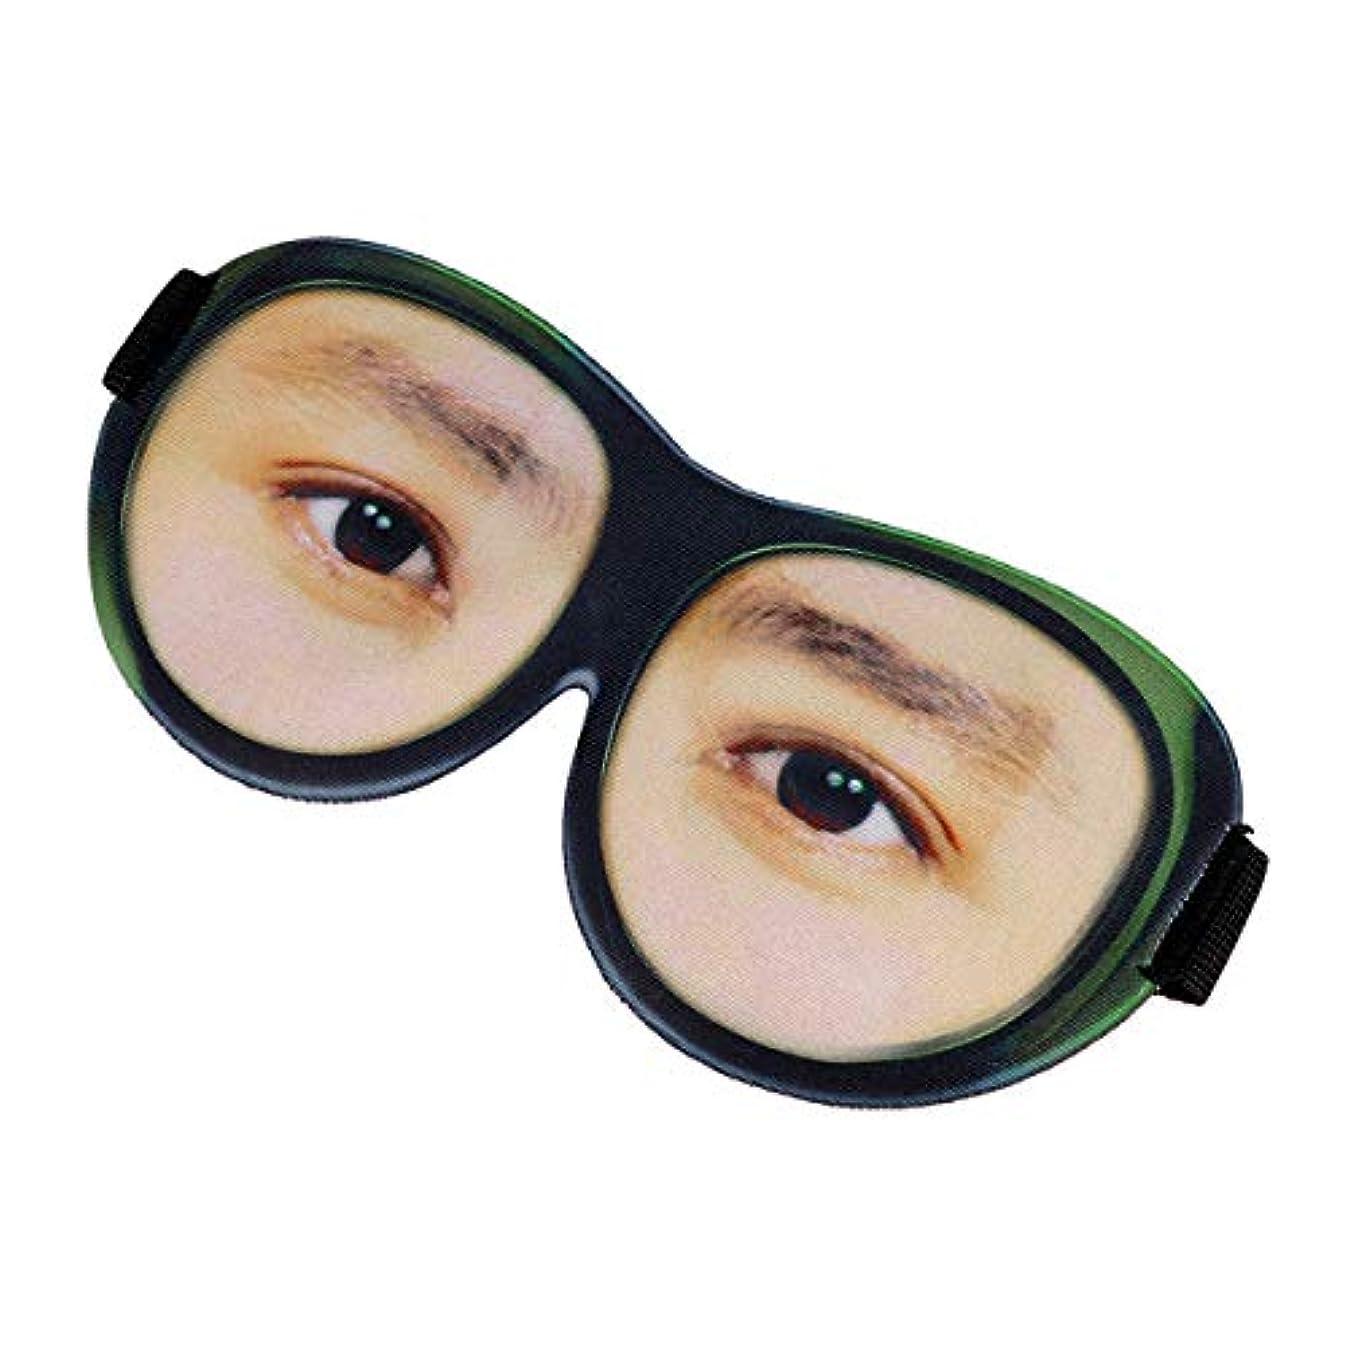 テロライド捕虜Beaupretty 睡眠マスクメガネ3d付き調節可能ストラップアイアイシェード睡眠アイシェード遮光ブロック用ホーム旅行屋外旅行